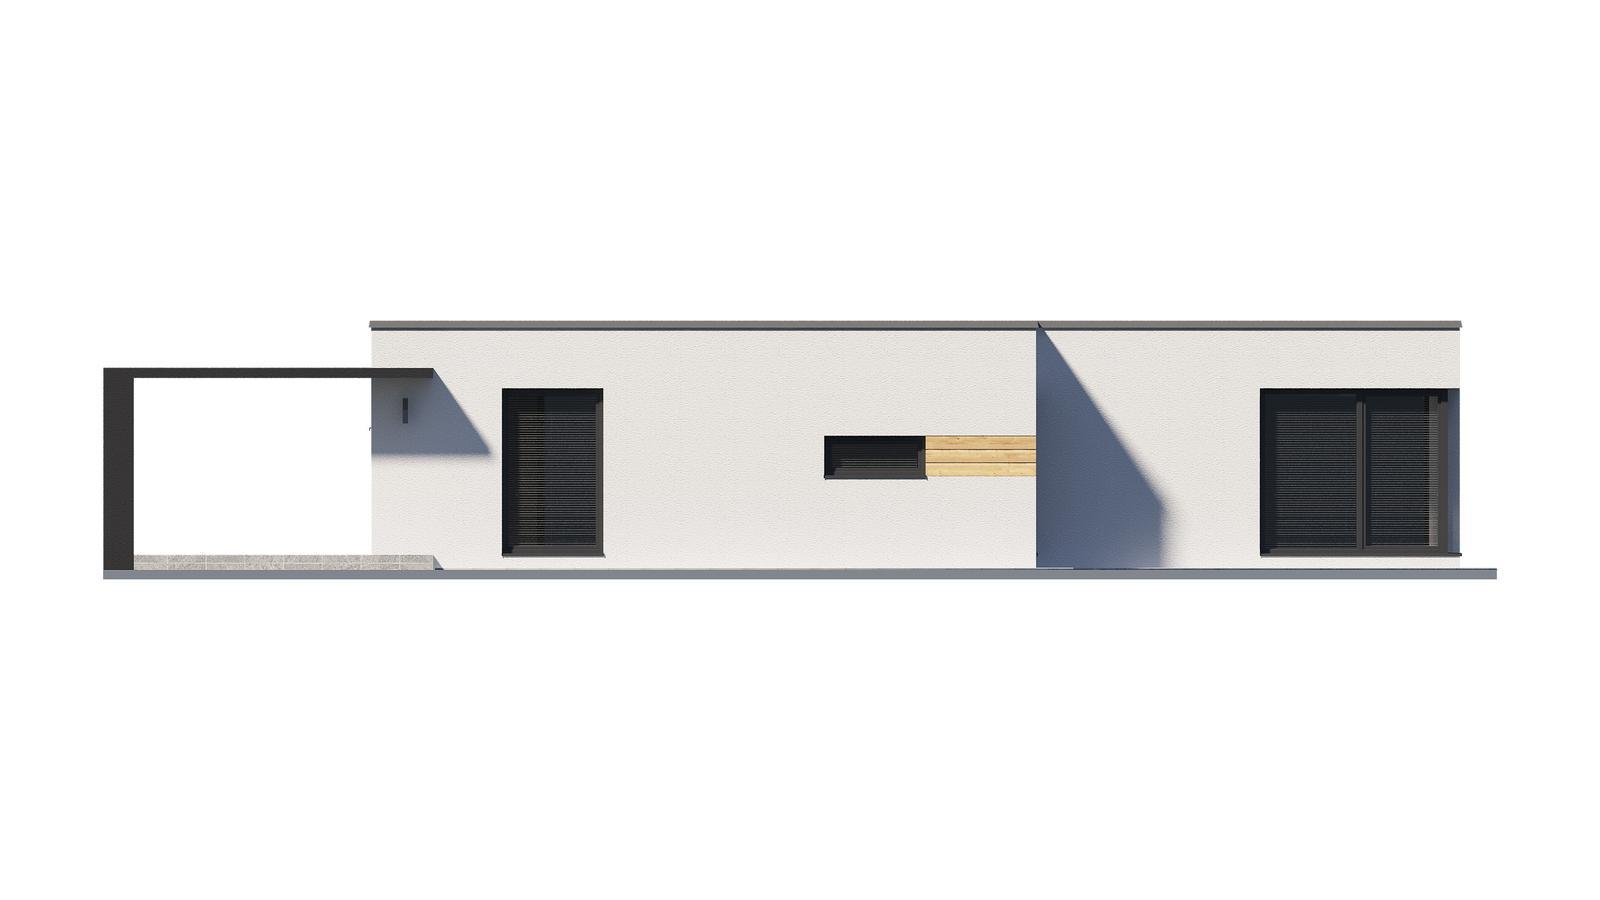 Ďalšie ukážky návrhov domčekov pre Vás - www.rodinny-dom.eu - Obrázok č. 28